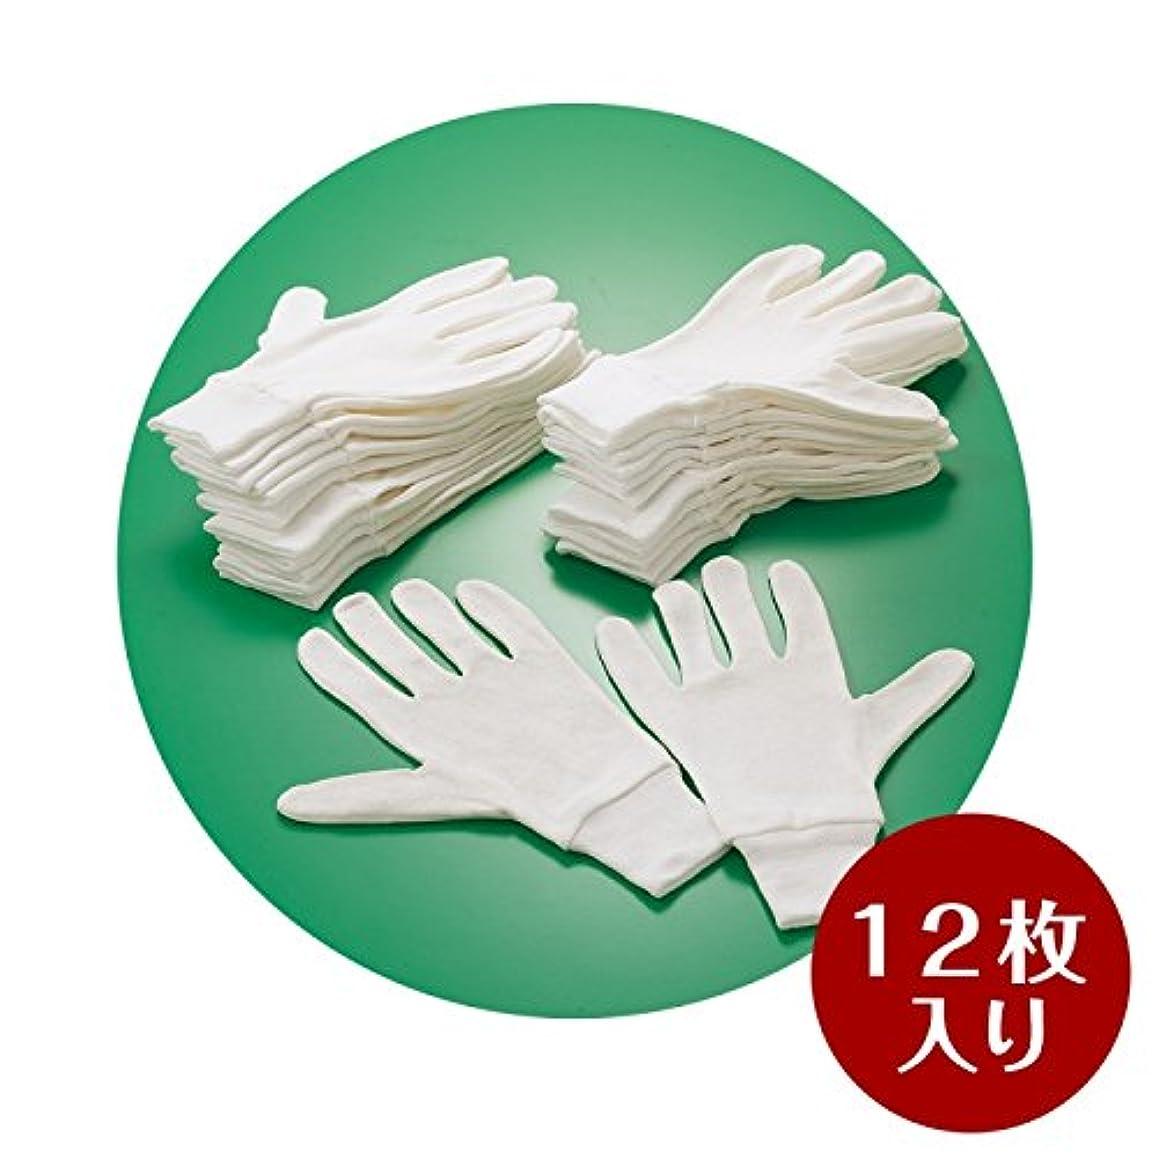 優れた配列登録手袋 コットン手袋 12枚入り